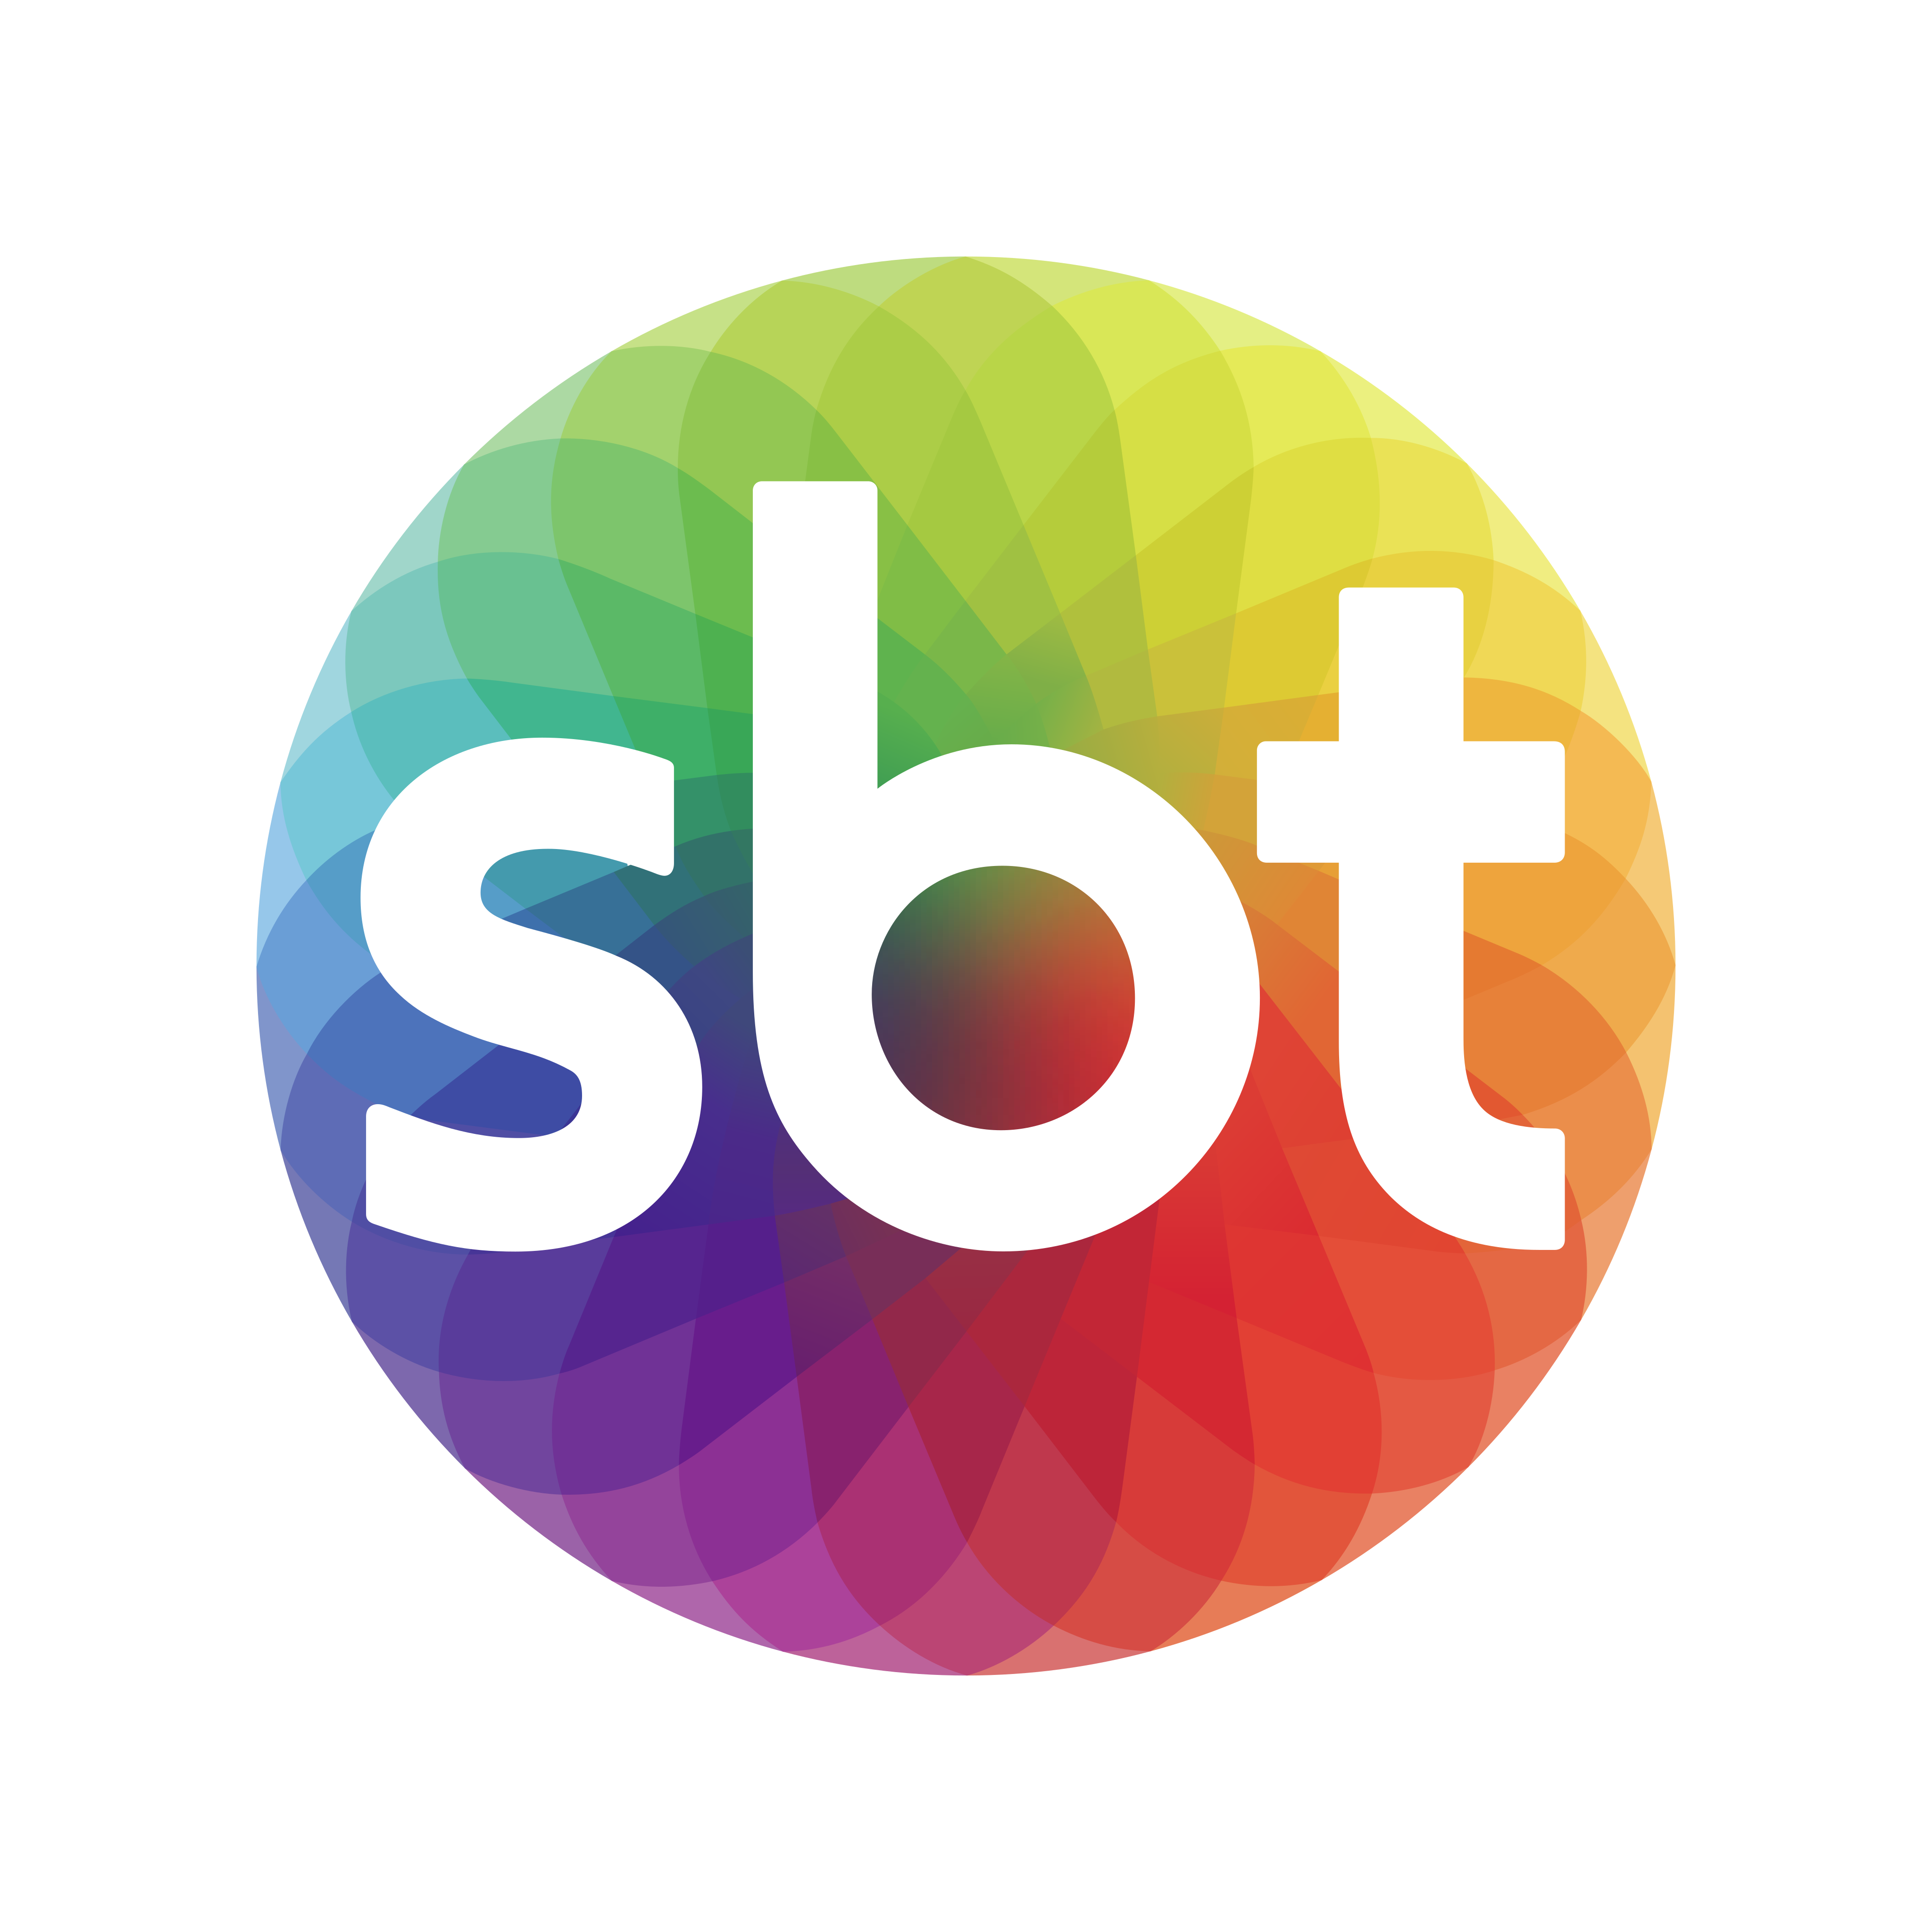 sbt logo 0 - SBT Logo